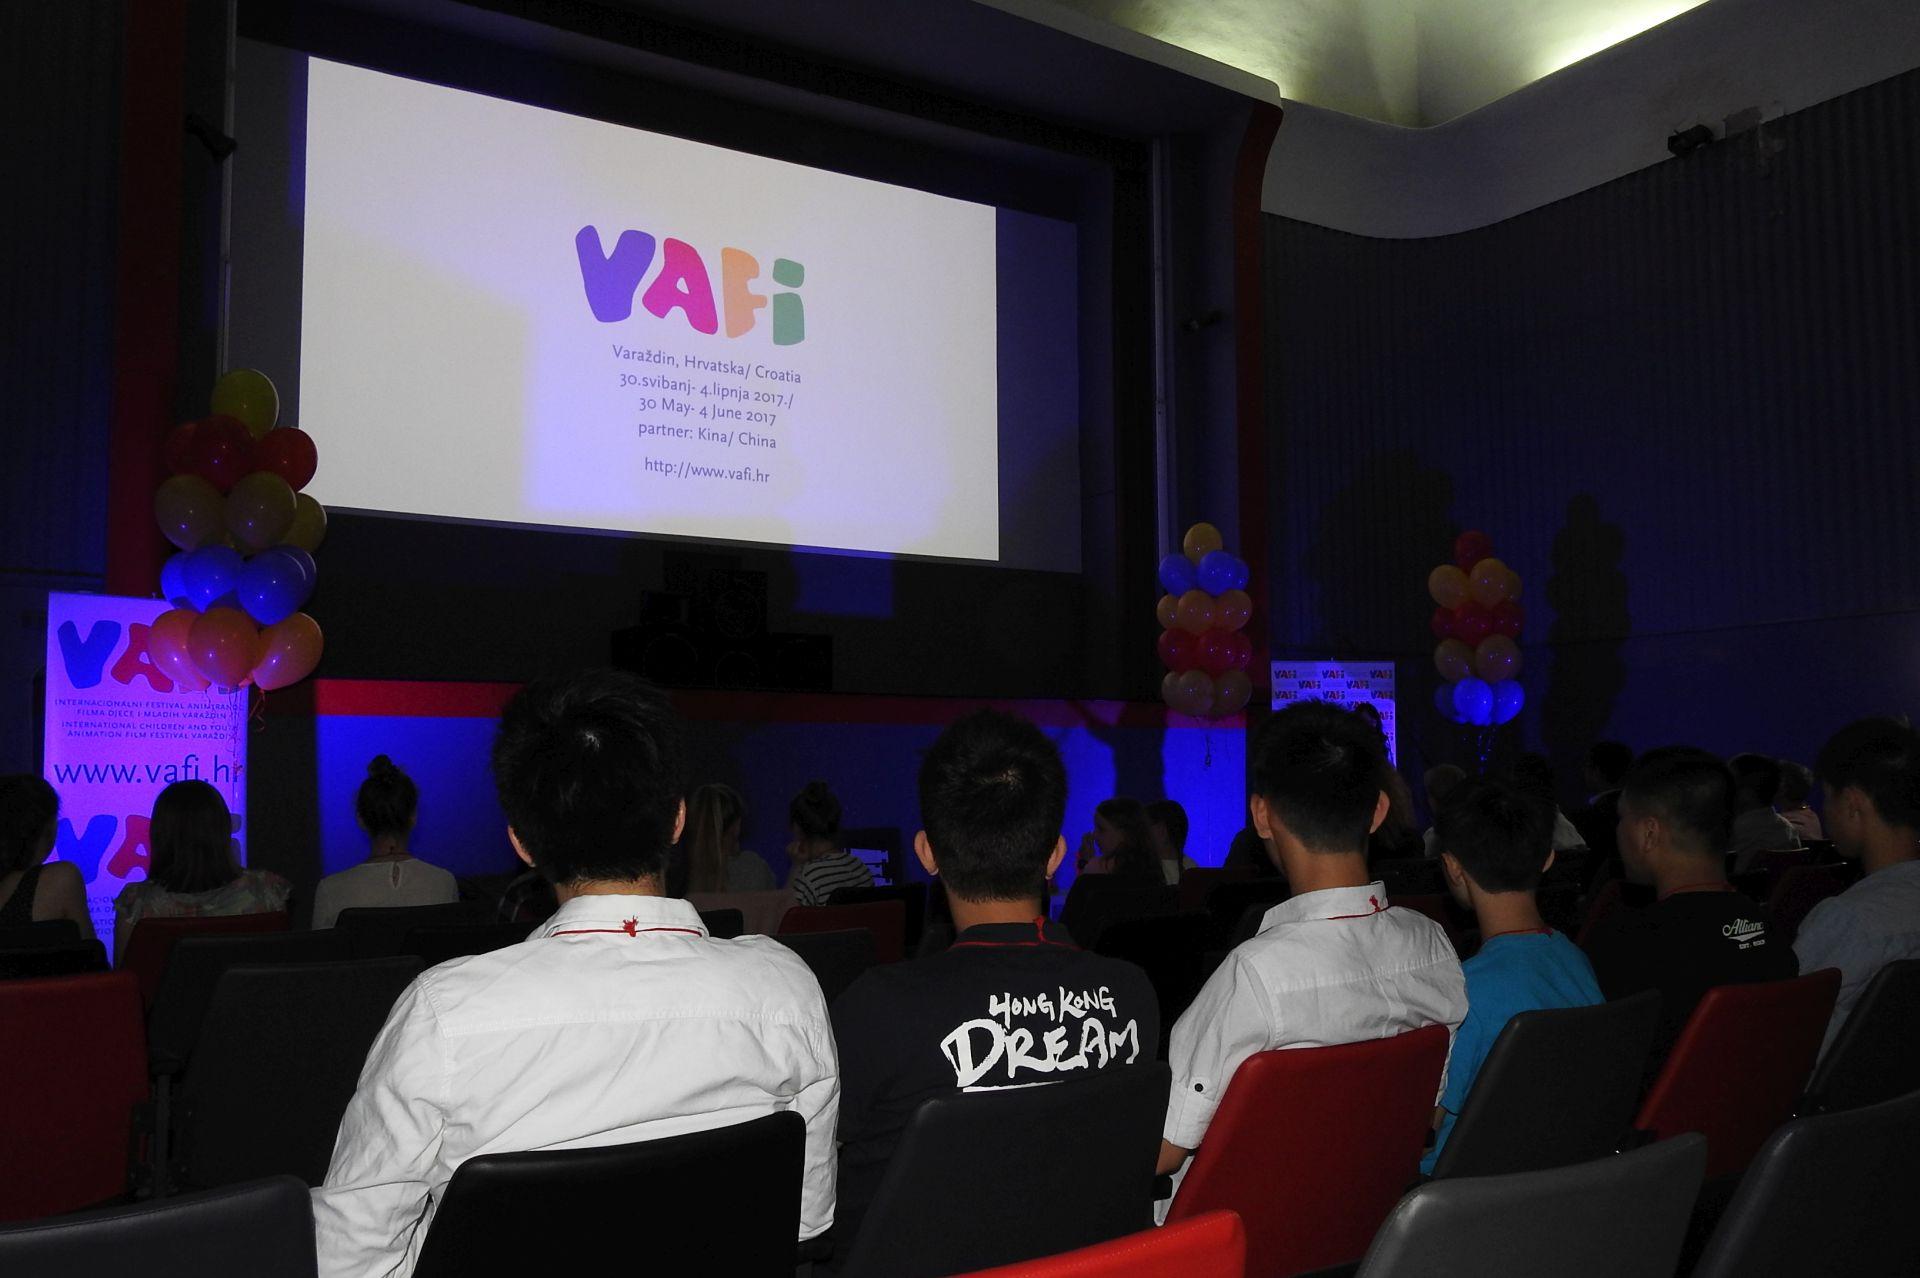 Dodjelom nagrada u sekciji Junior završio 8. VAFI